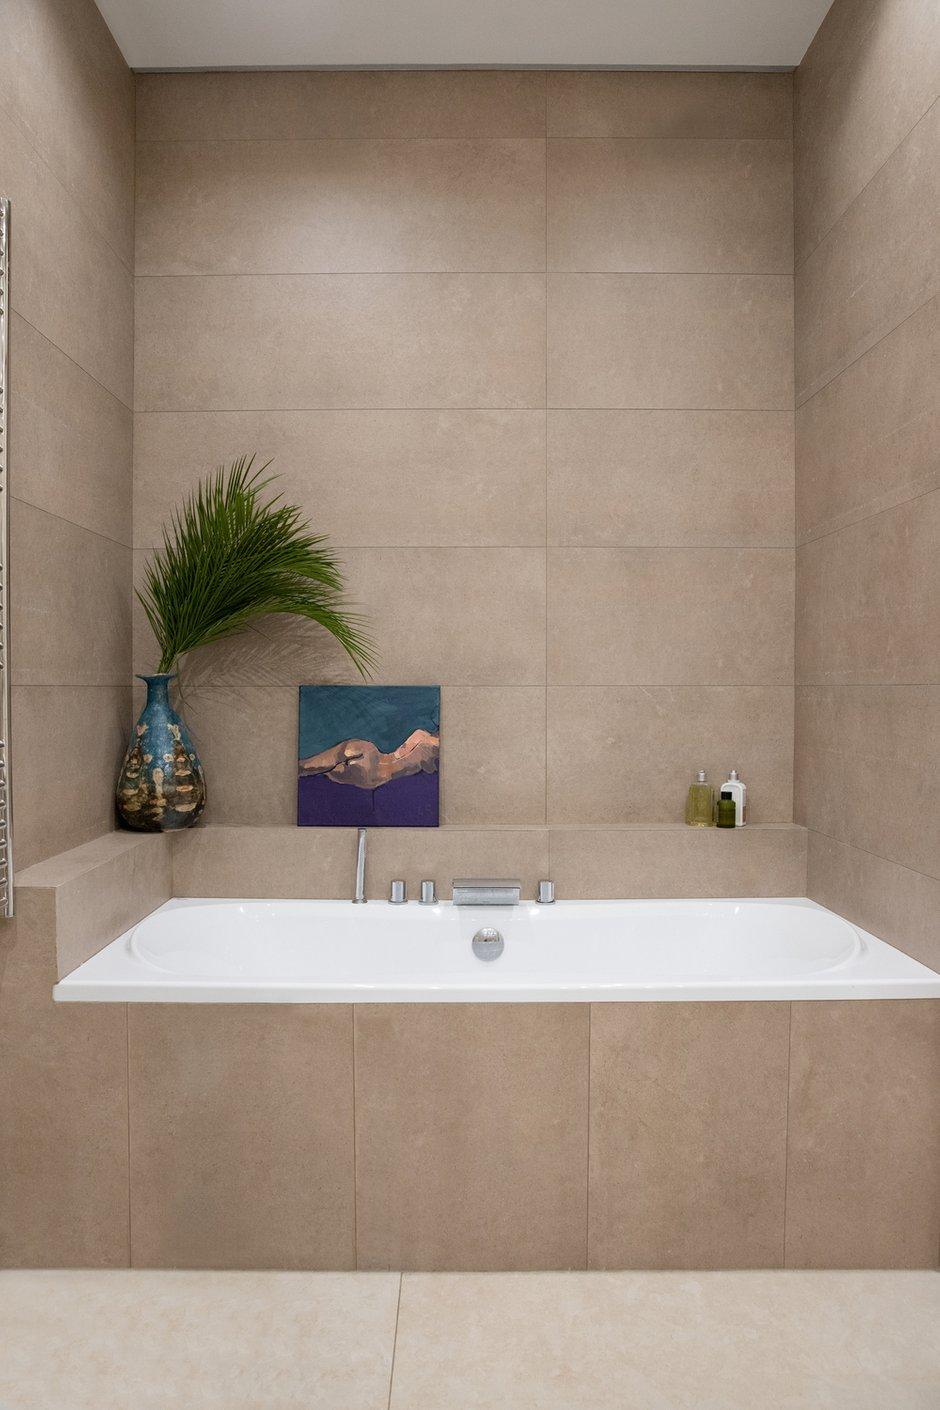 Фотография: Ванная в стиле Современный, Квартира, Проект недели, Москва, 3 комнаты, 60-90 метров, Более 90 метров, Own Design – фото на INMYROOM